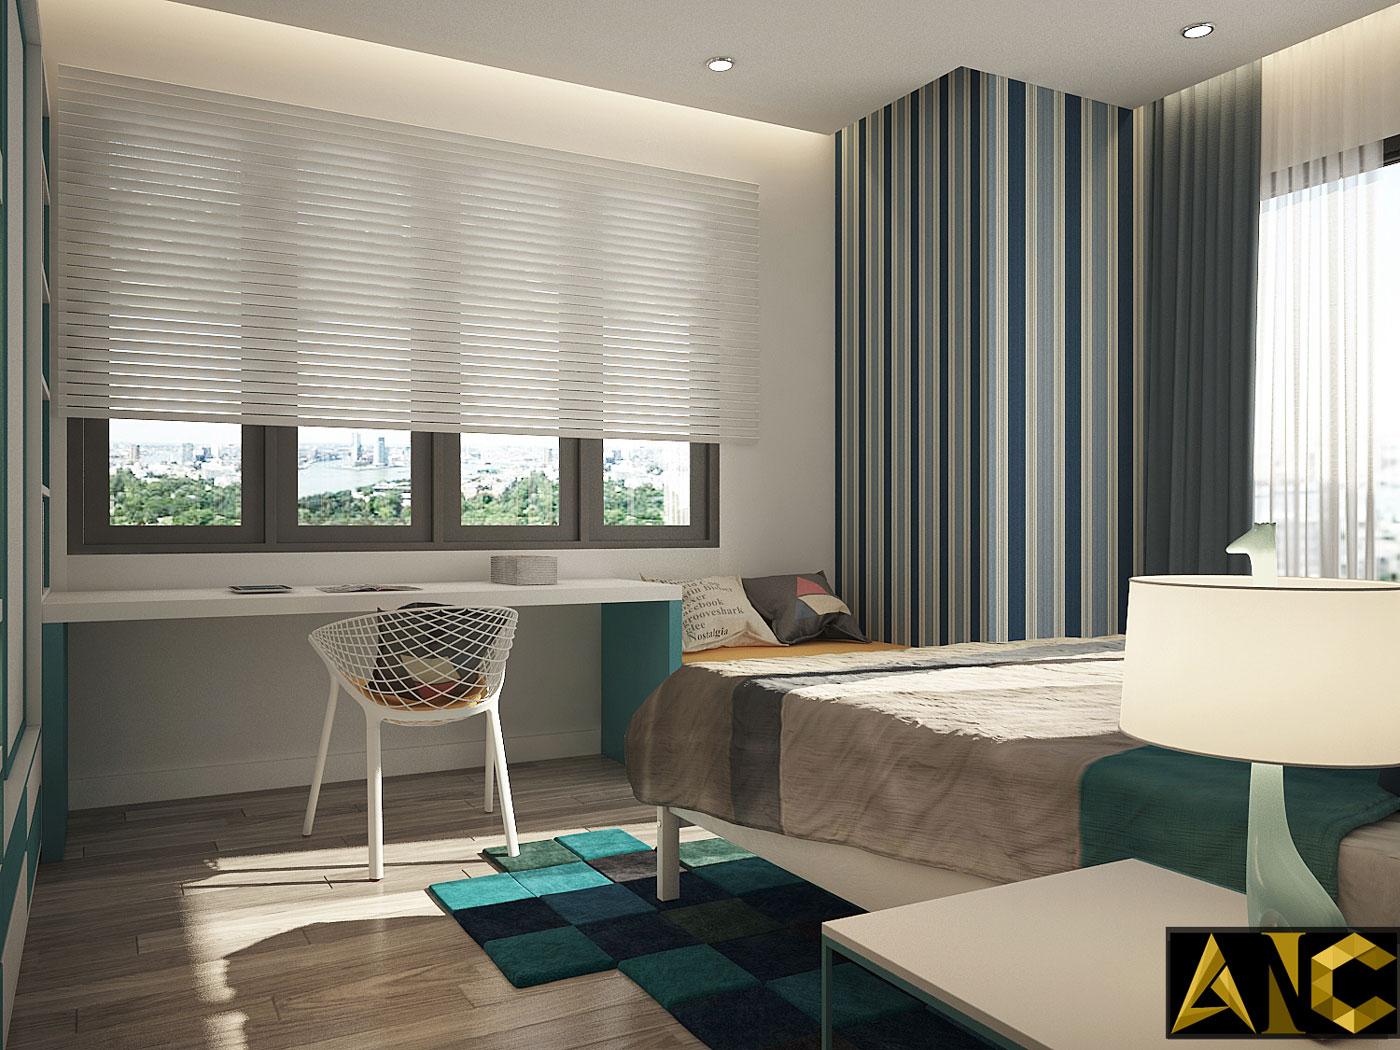 Thiết kế thi công nội thất: căn hộ Royal City phòng ngủ nhỏ view 2